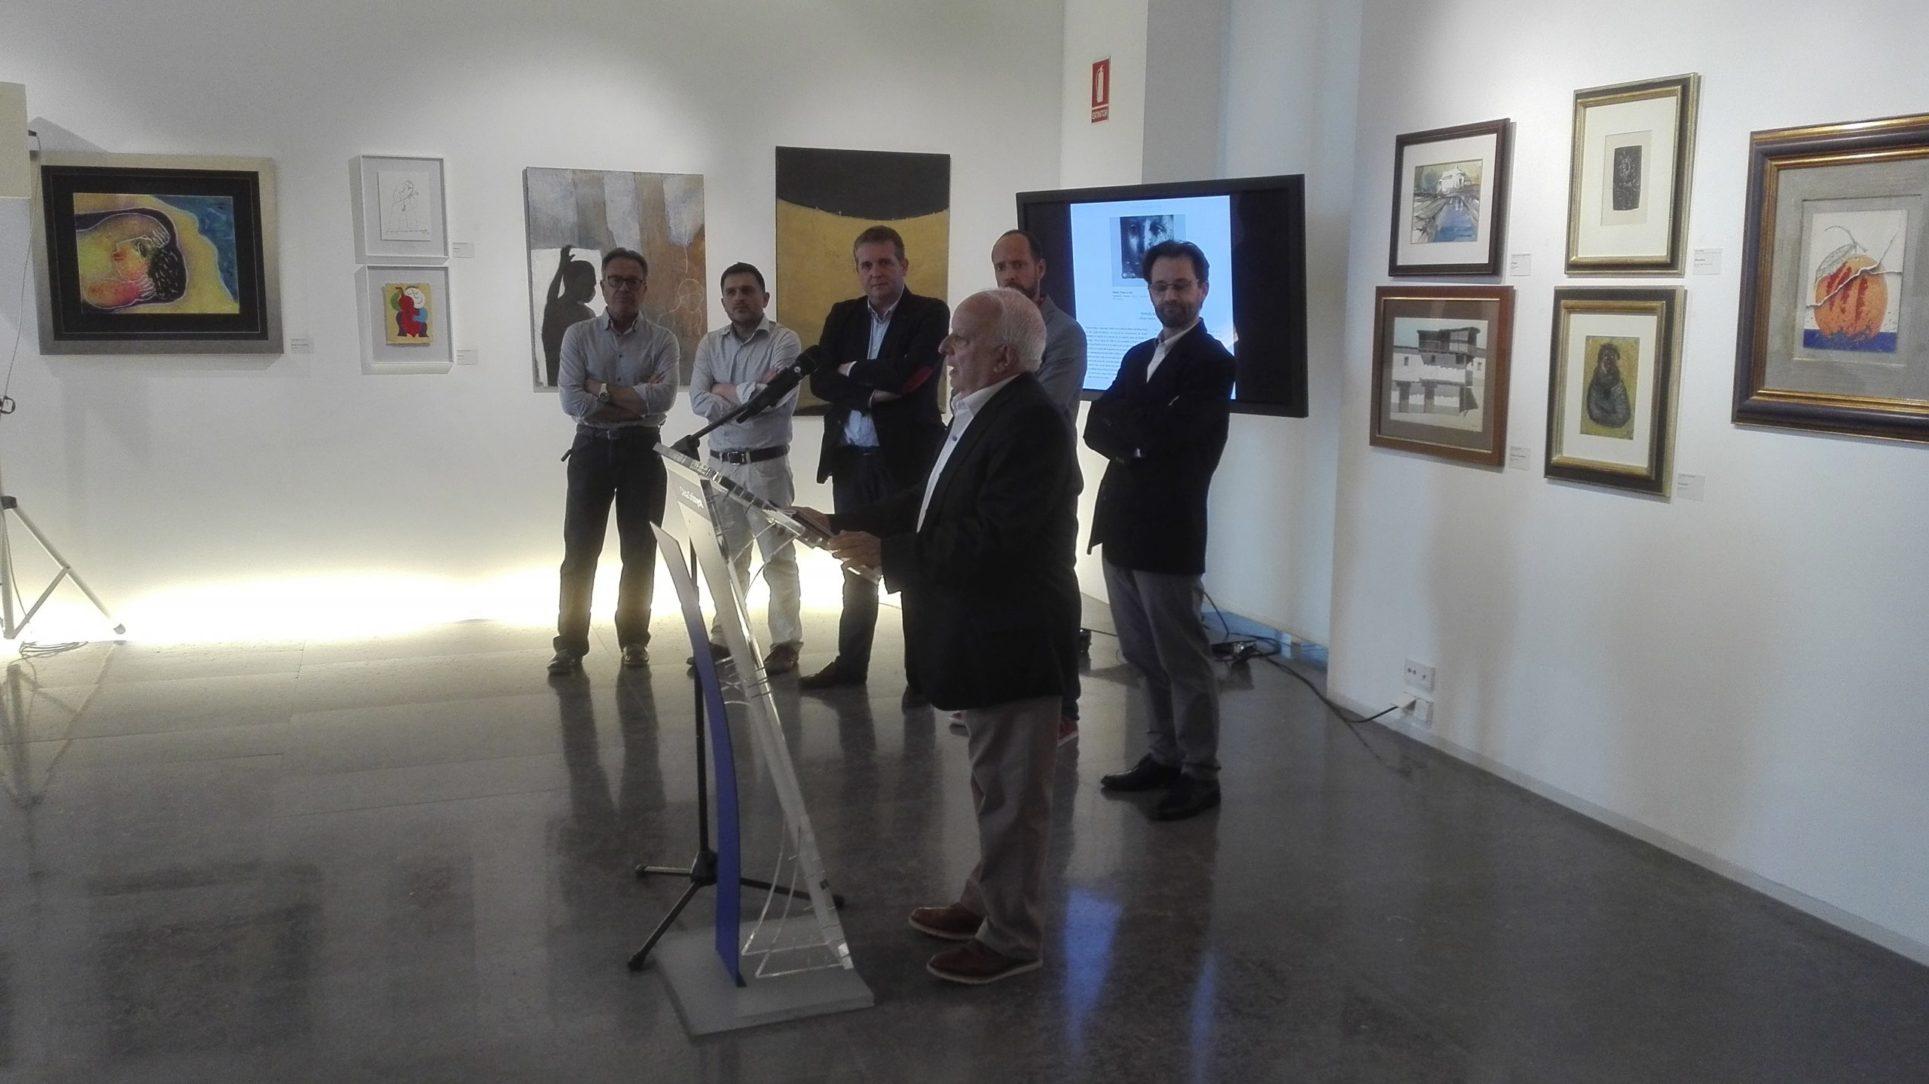 Dues noves exposicions culturals a la ciutat d'Ontinyent El Periòdic d'Ontinyent